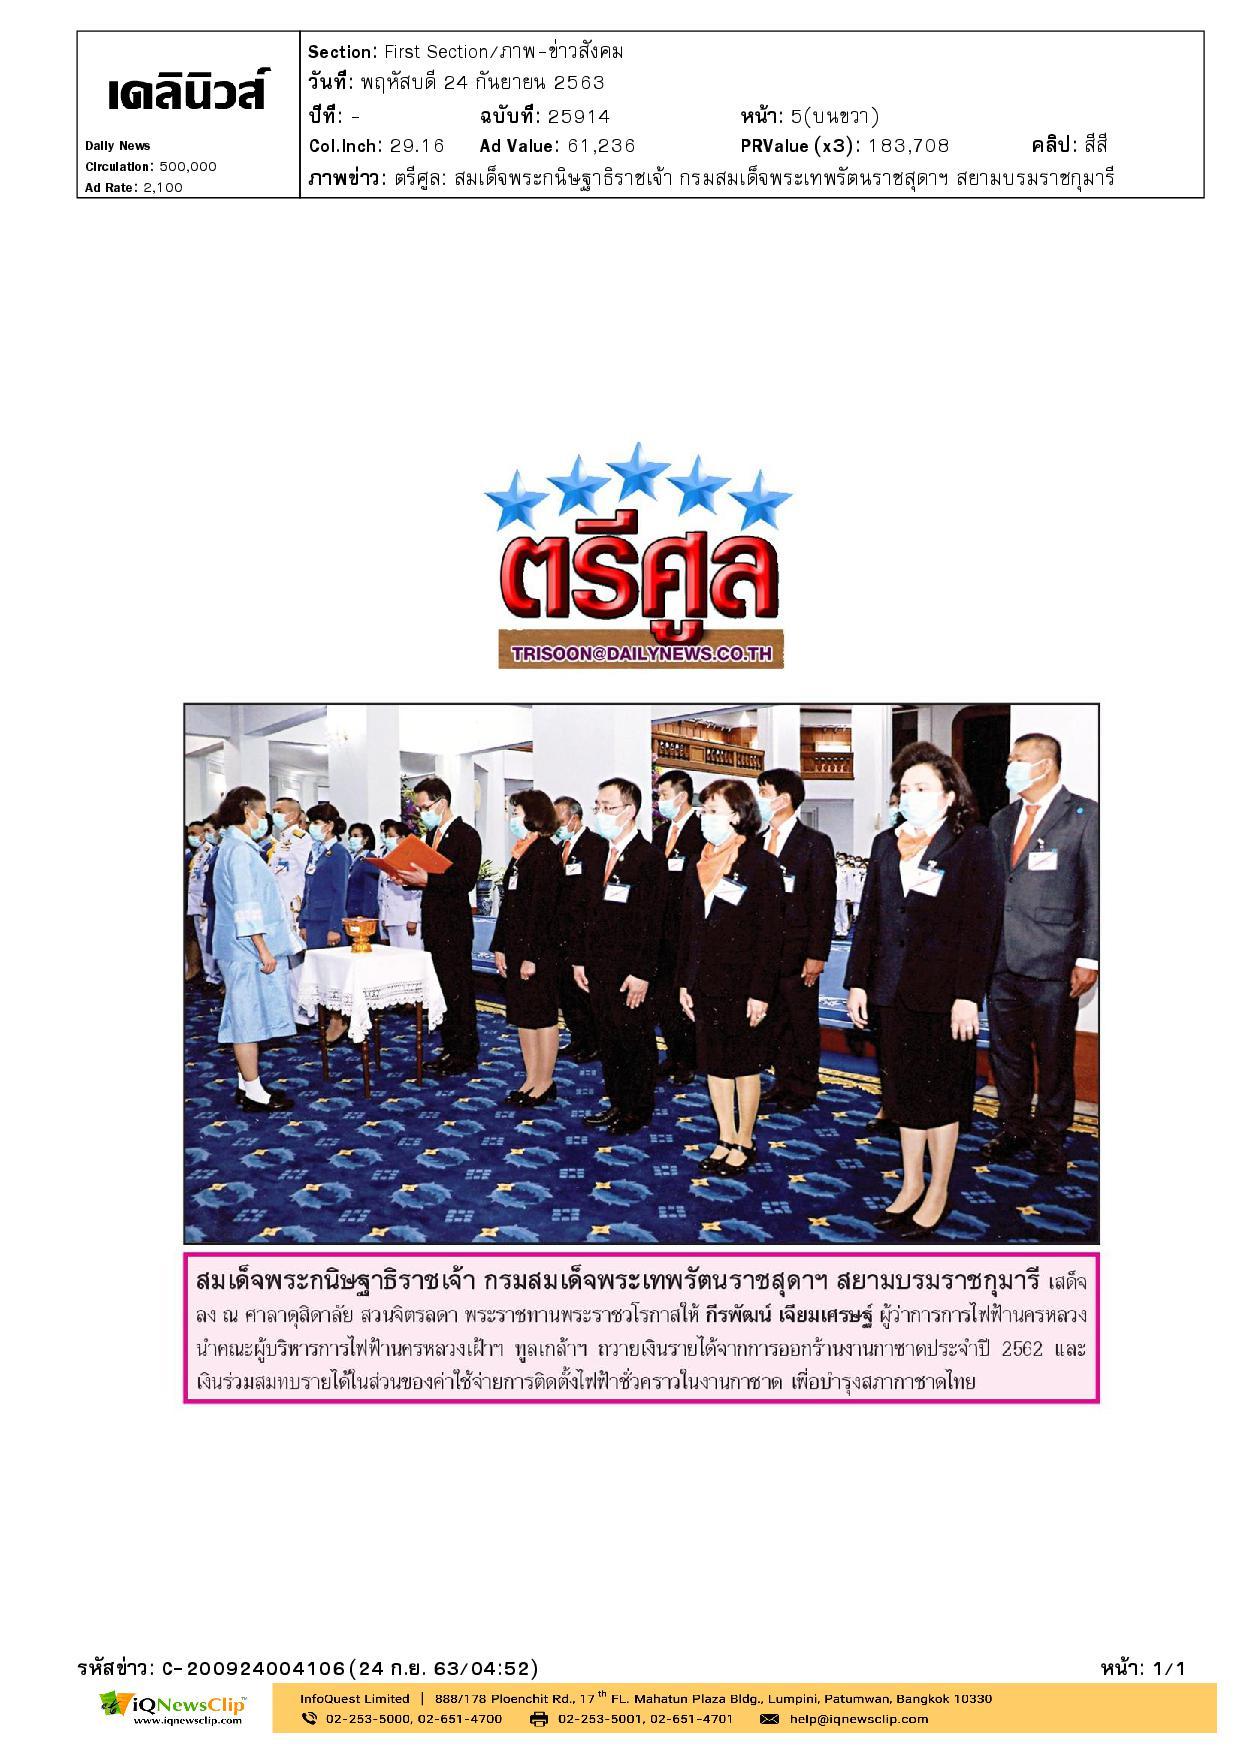 การออกร้านกาชาดประจำปี 2562 เพื่อบำรุงสภากาชาดไทย